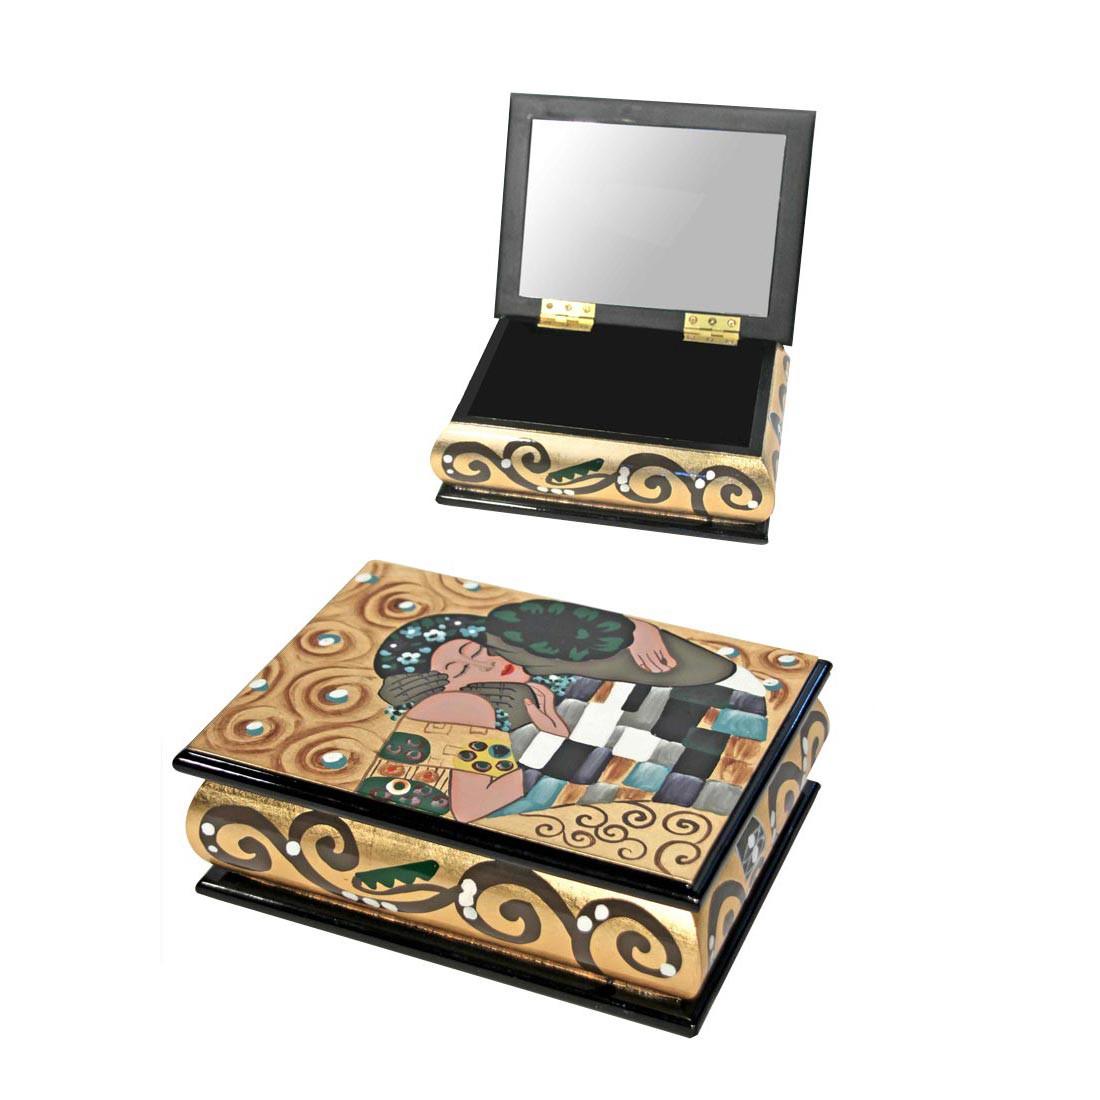 Schmuckbox/Spiegel Der Kuss, Art for living kaufen